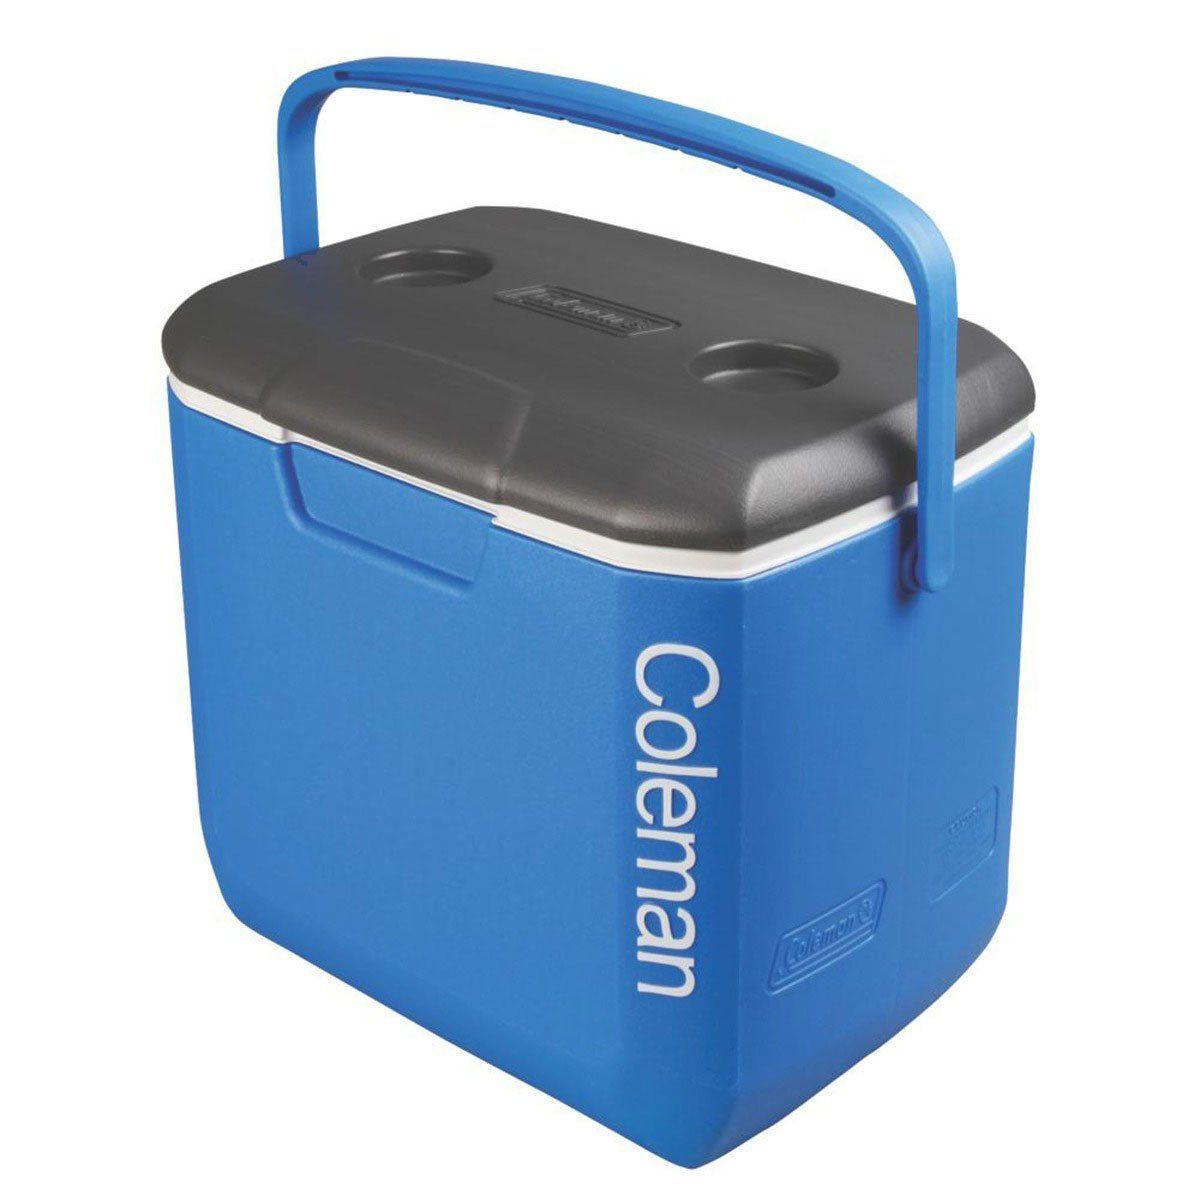 Caixa Termica / Cooler Coleman 30QT 28,4L 38 Latas